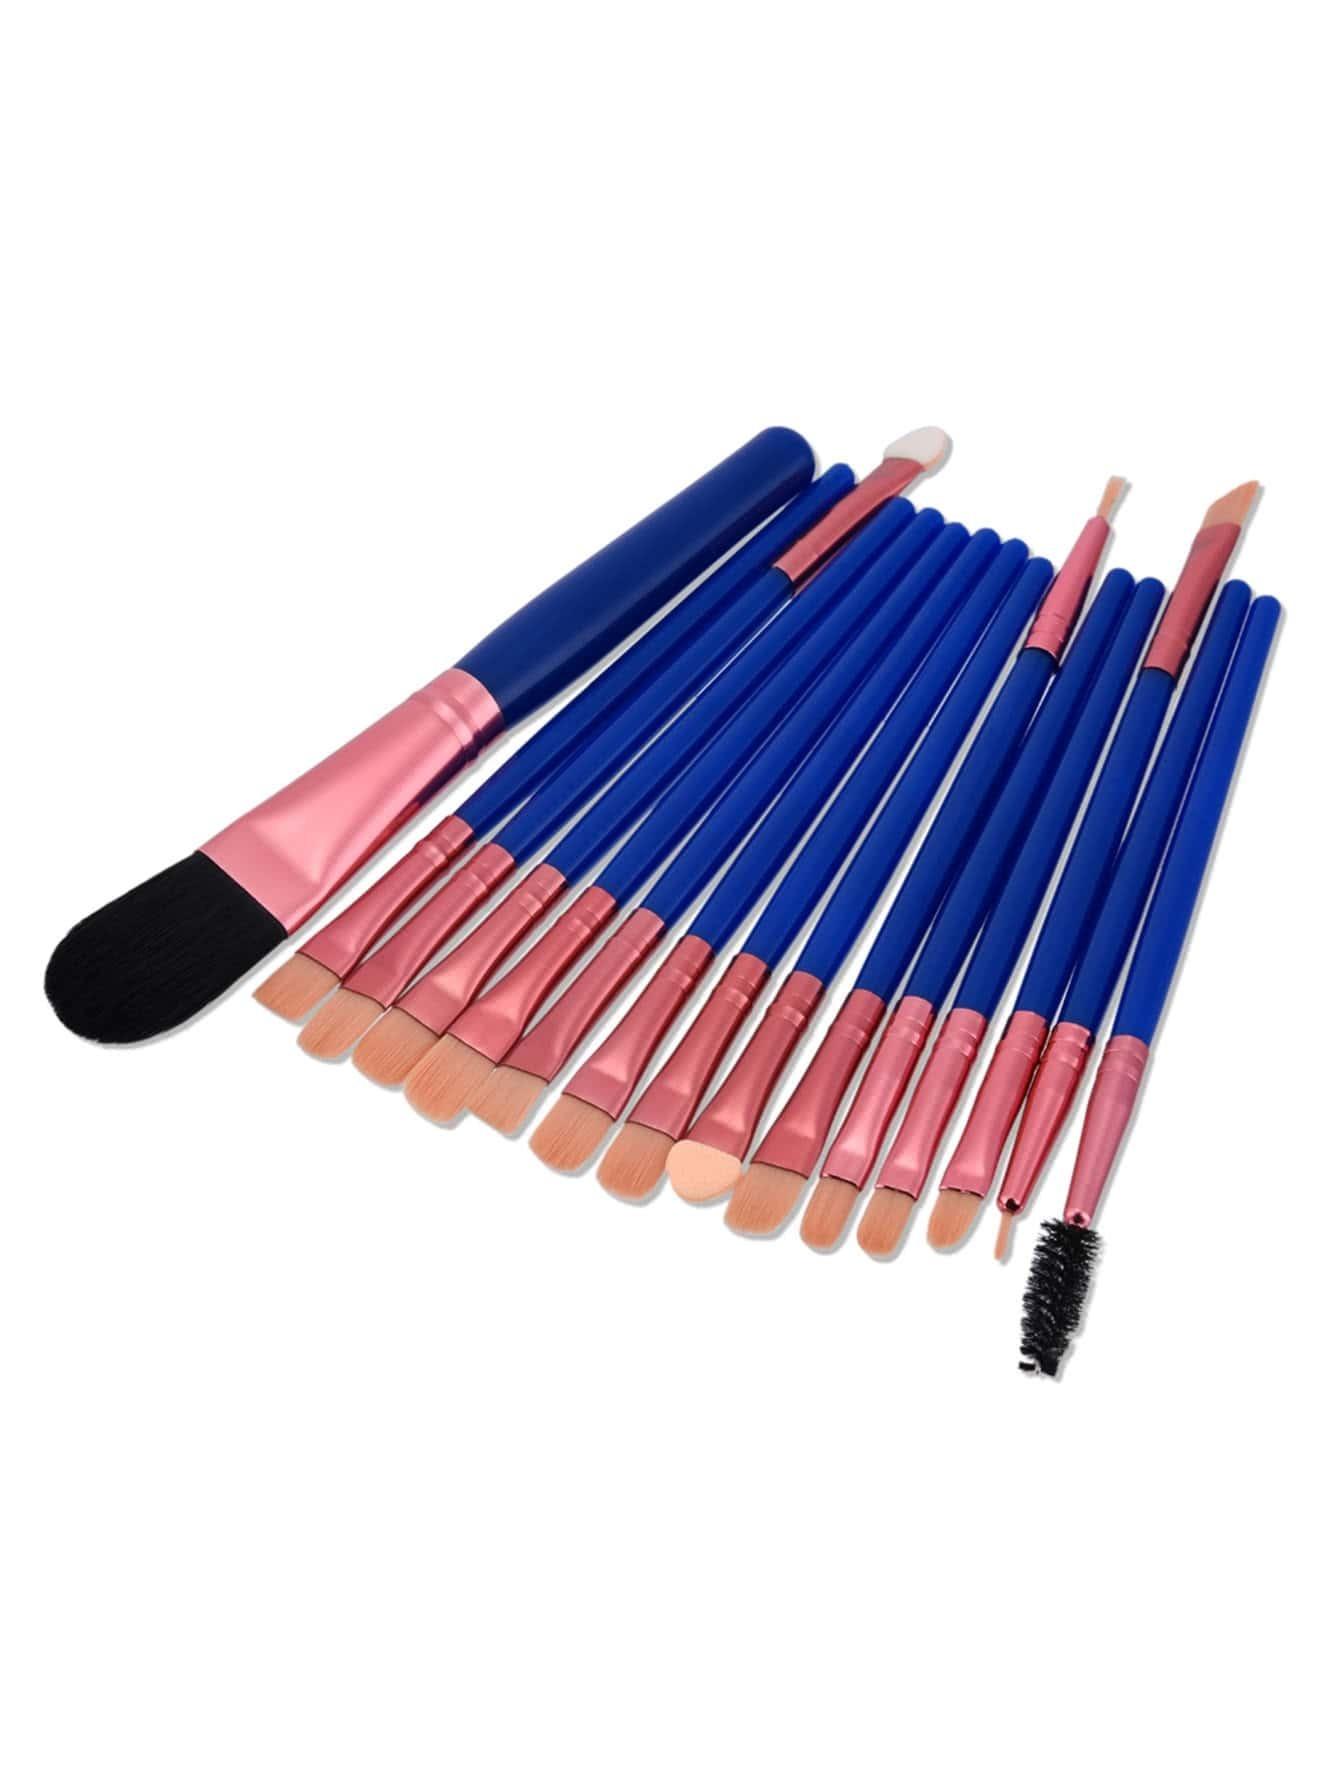 Фото Professional Makeup Eye Brush 15pcs. Купить с доставкой